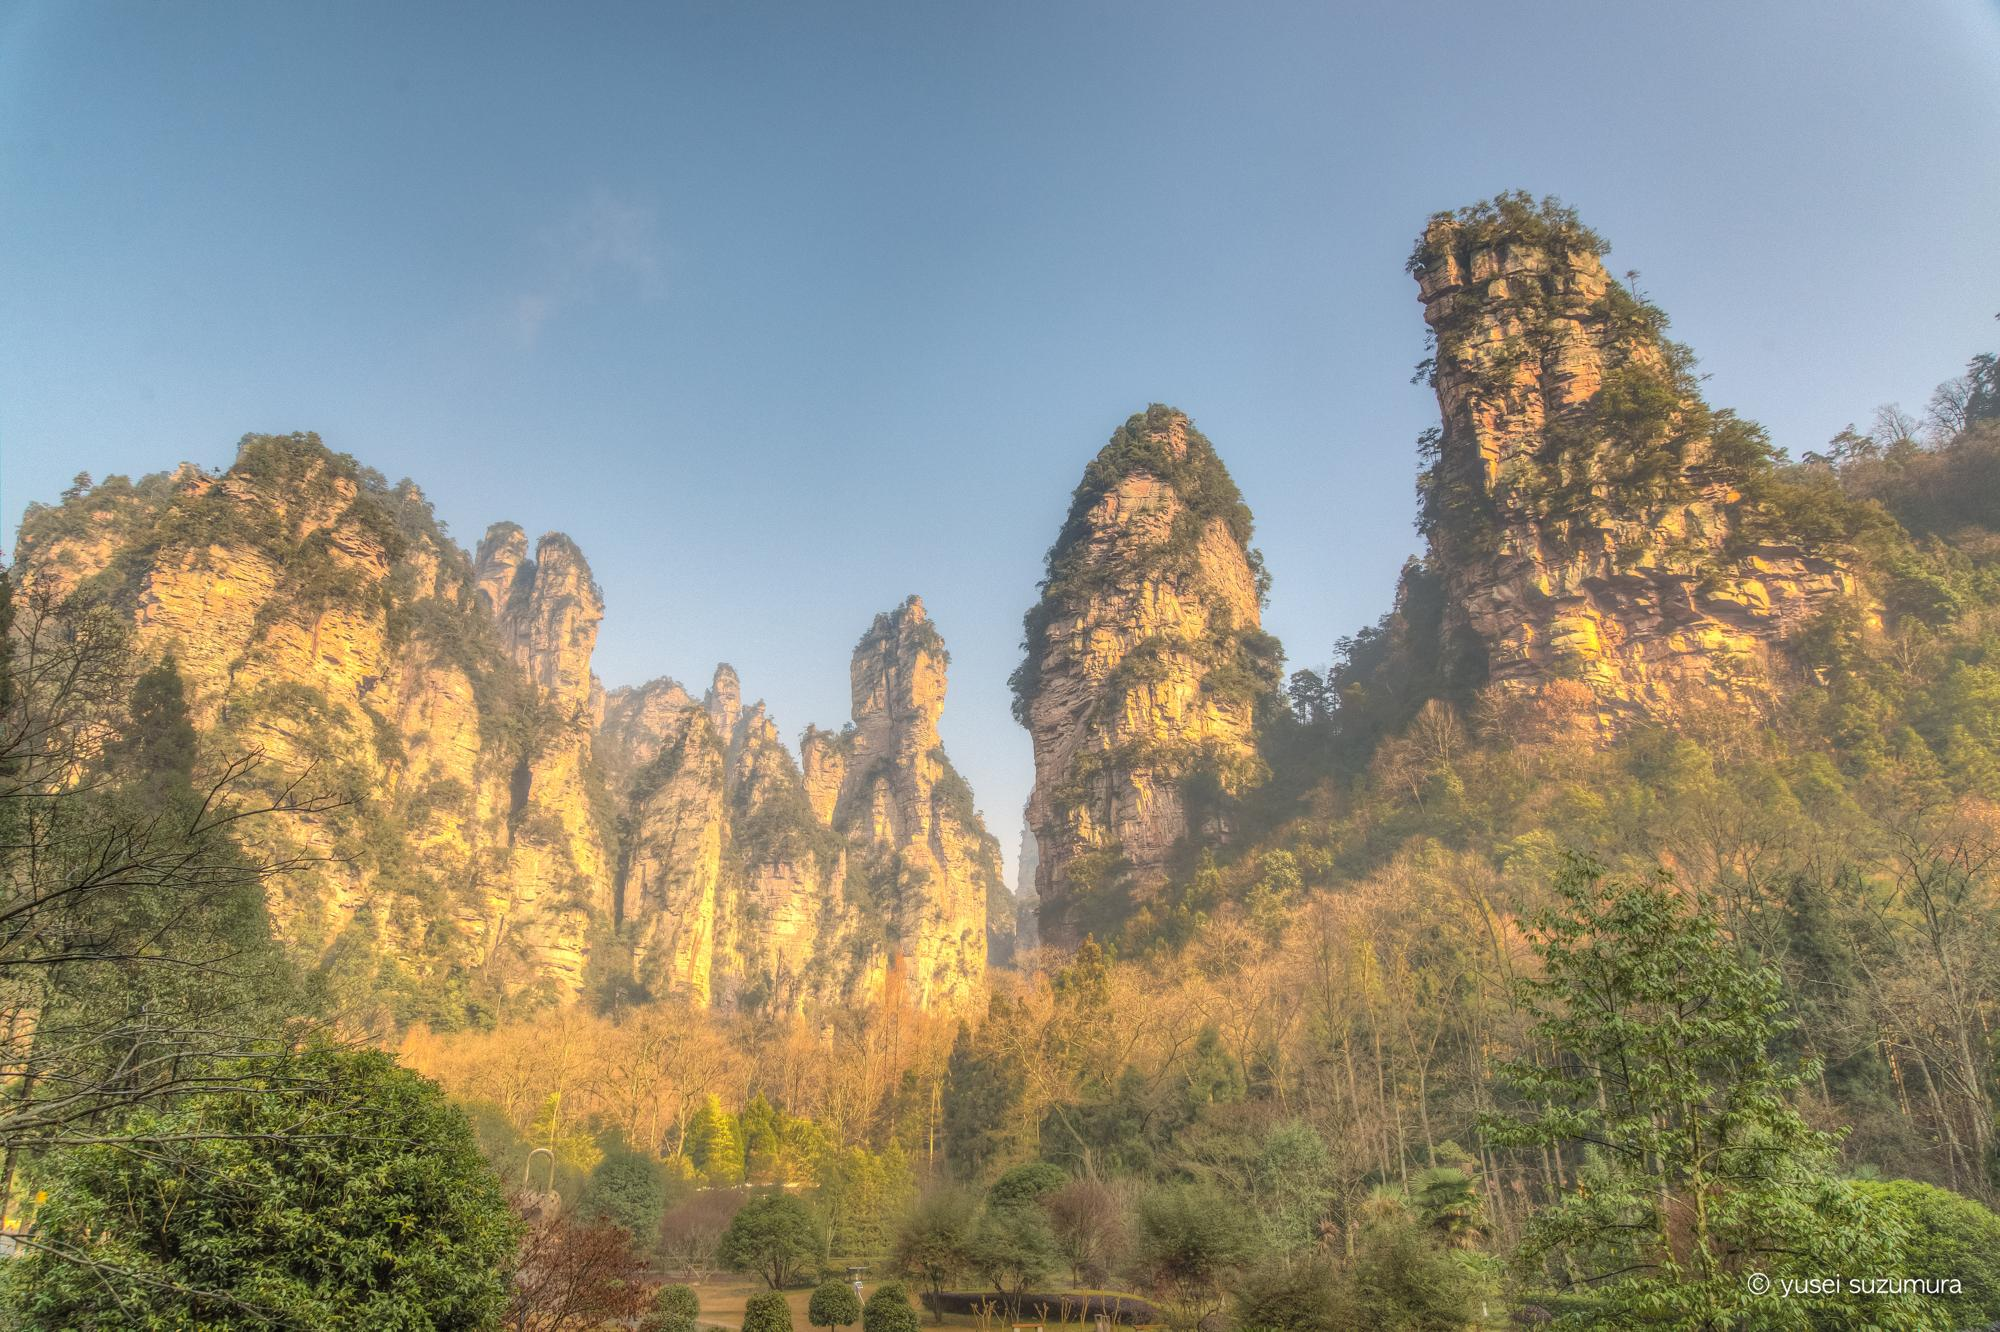 武陵源 入口の景色 絶景